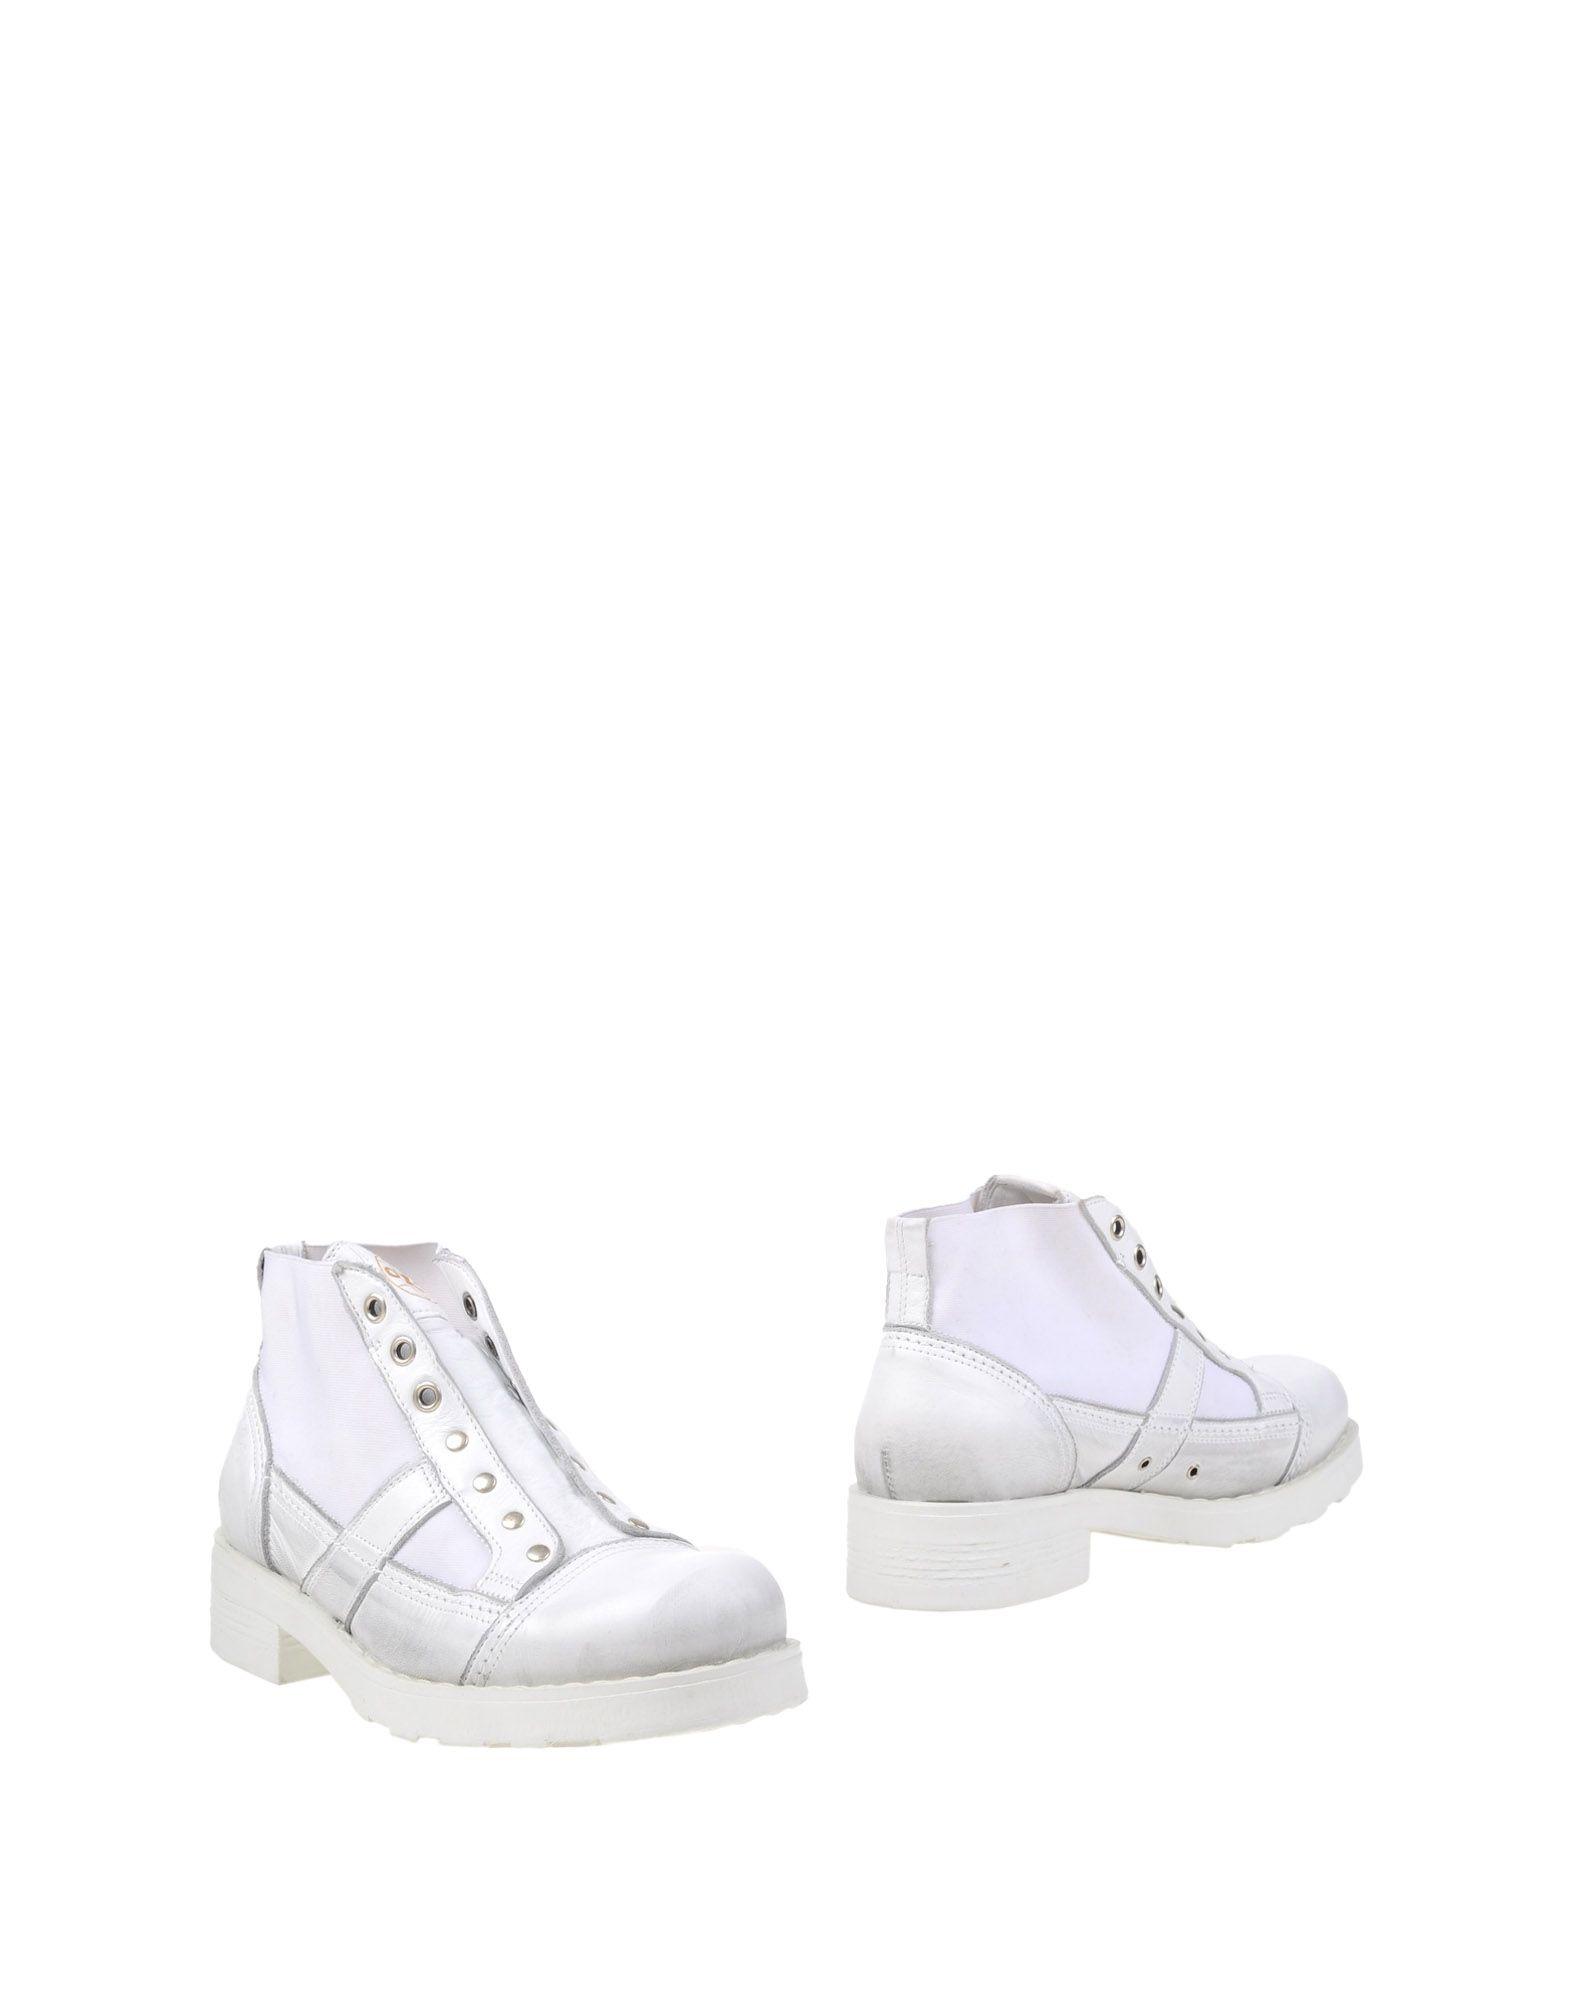 Stilvolle billige Schuhe O.X.S. Stiefelette Damen  11119496VX